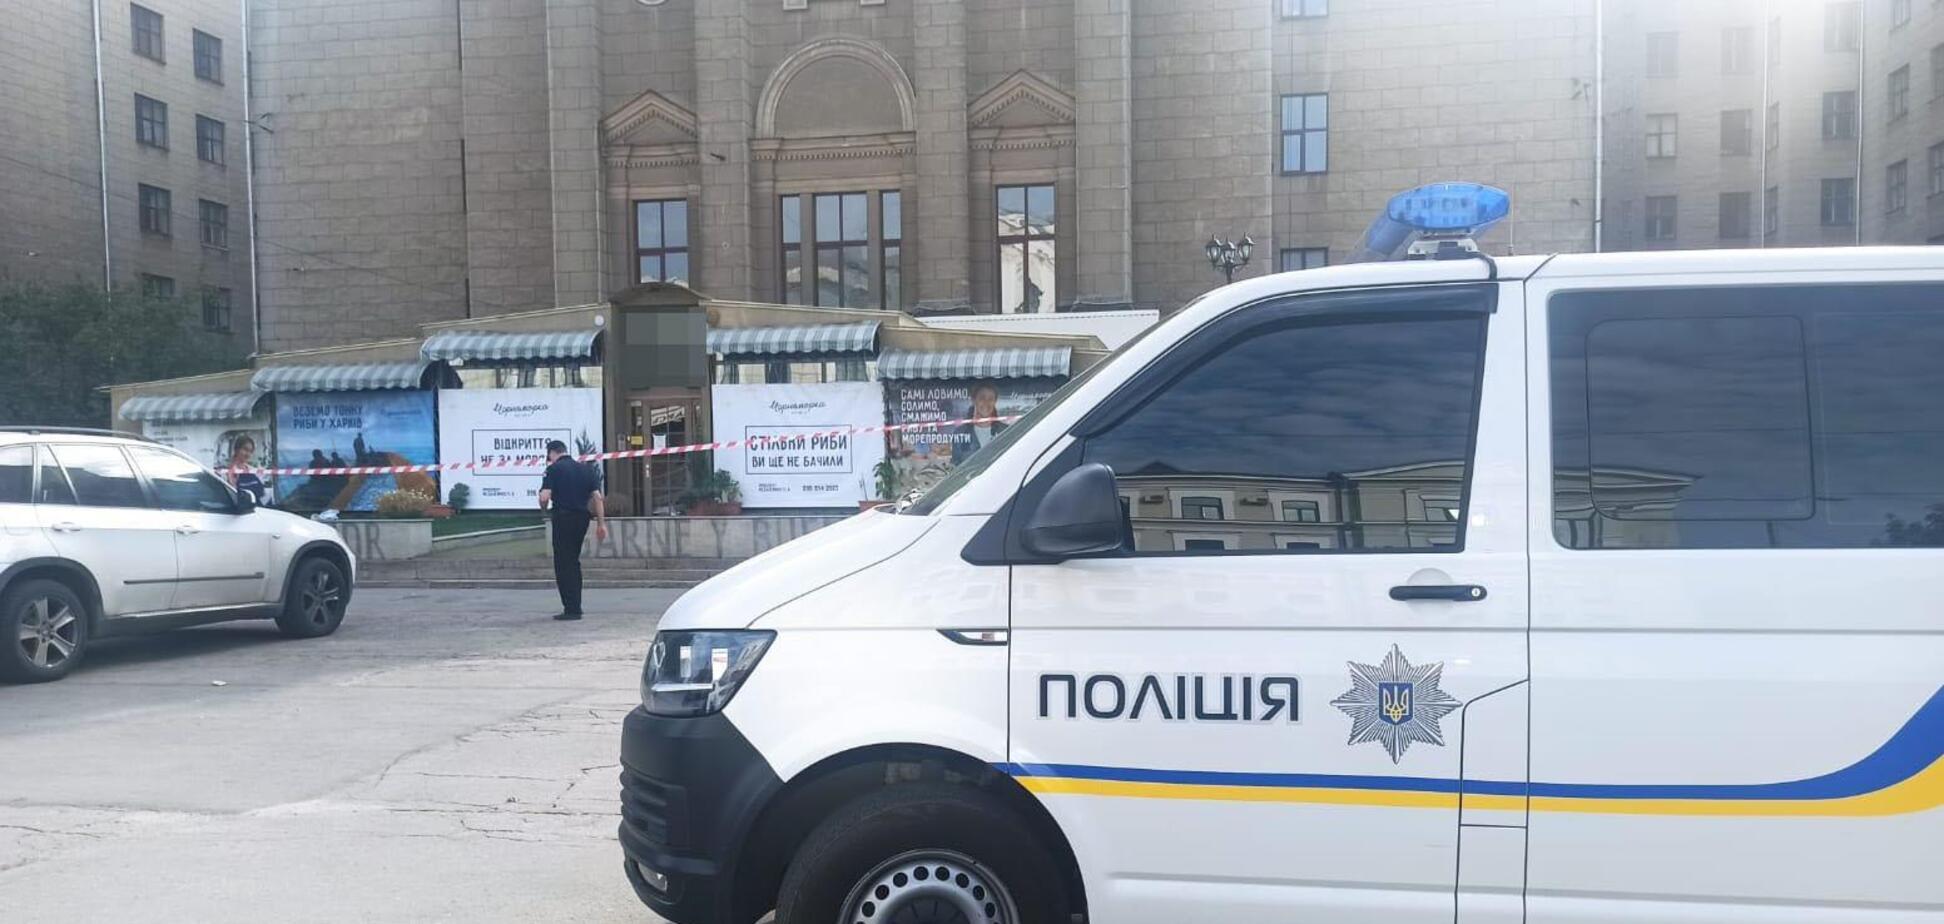 В Харькове найден застреленным бизнесмен